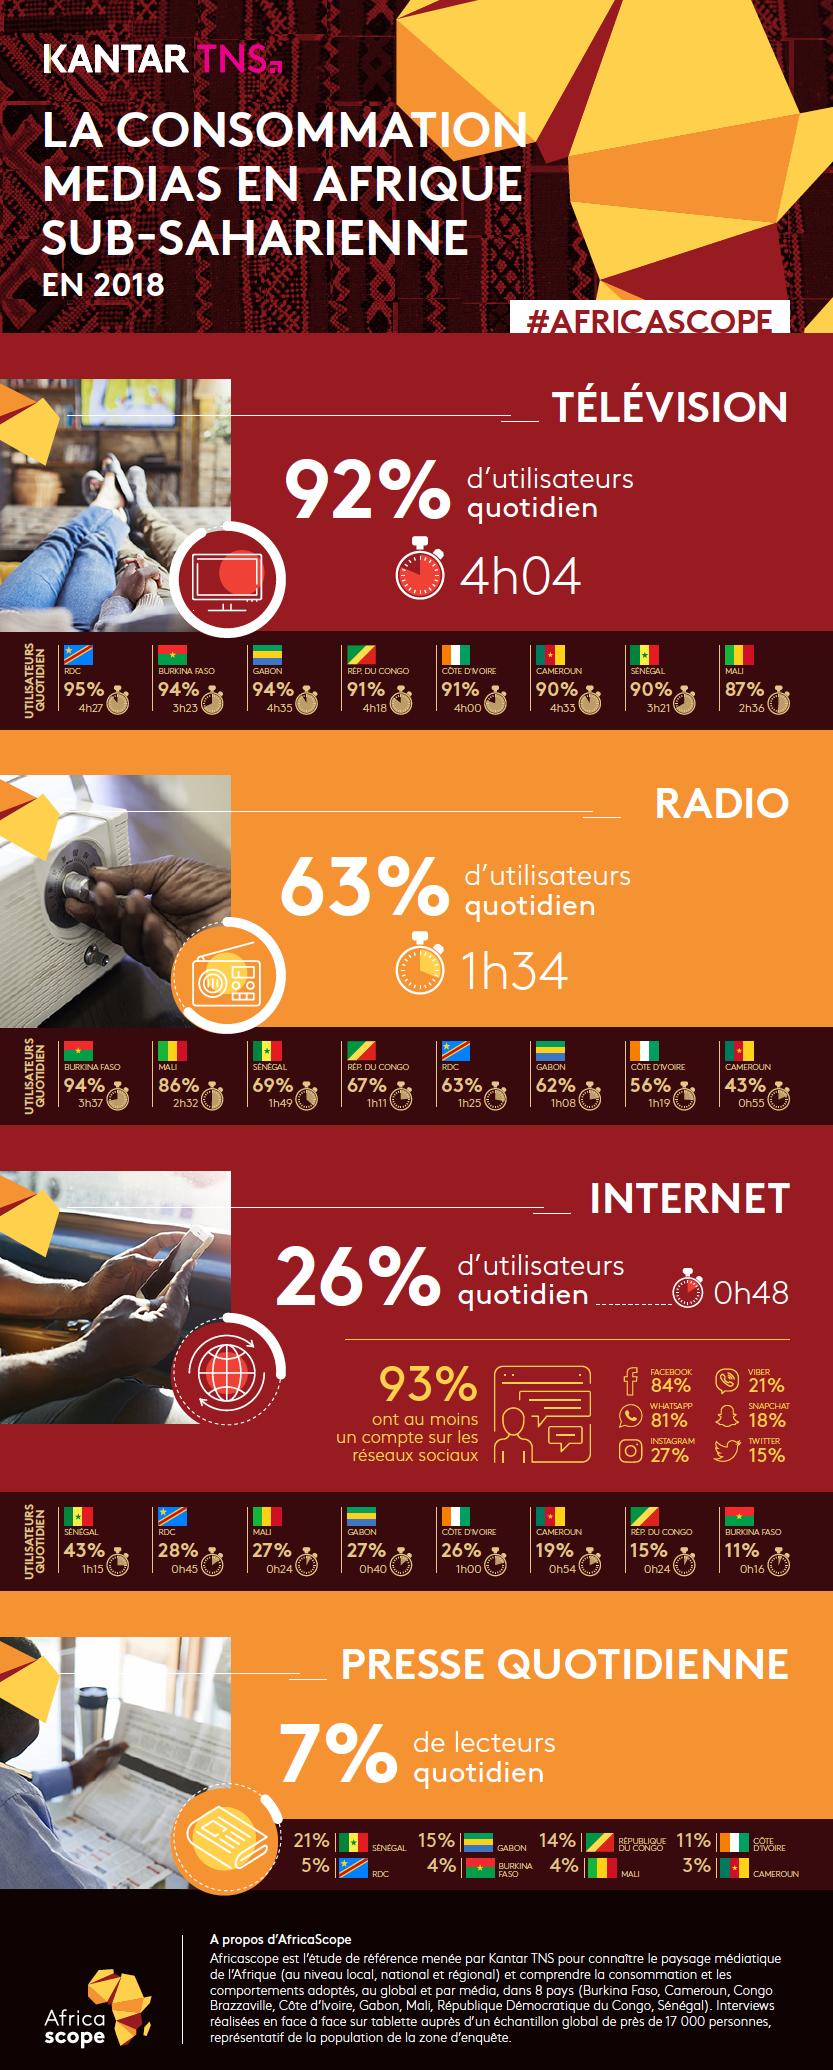 Kantar TNS publie les résultats Africascope 2018